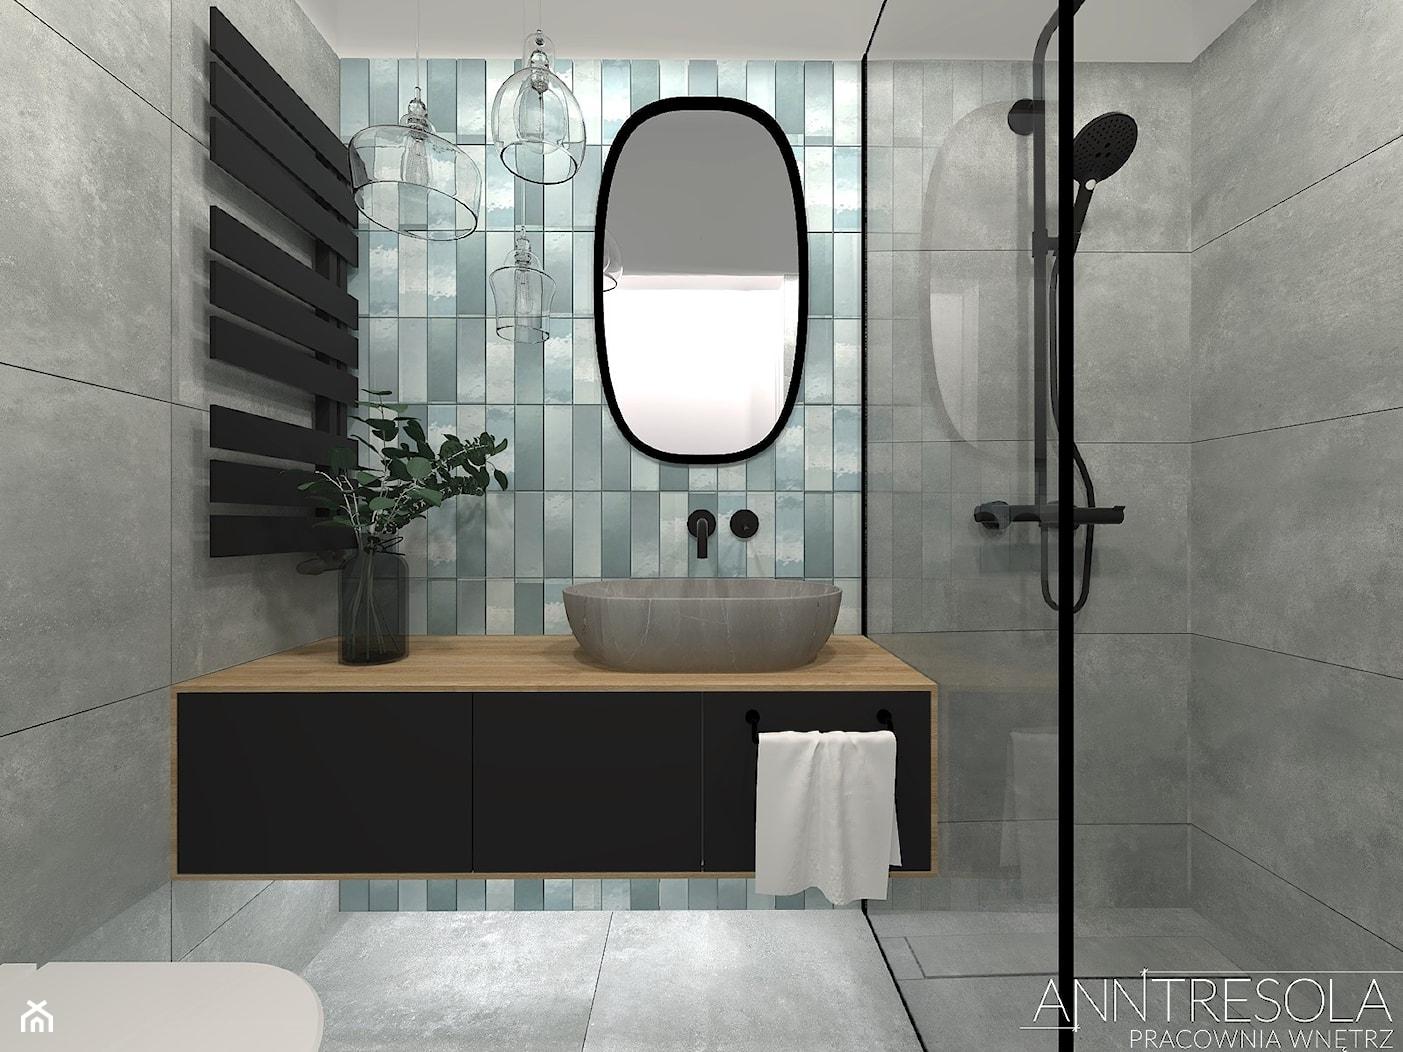 Projekt Wnętrz - Łazienka 3m2 - Industrialna ANNTRESOLA - Projektowanie Wnętrz - zdjęcie od ANNTRESOLA Pracownia Wnętrz - Homebook